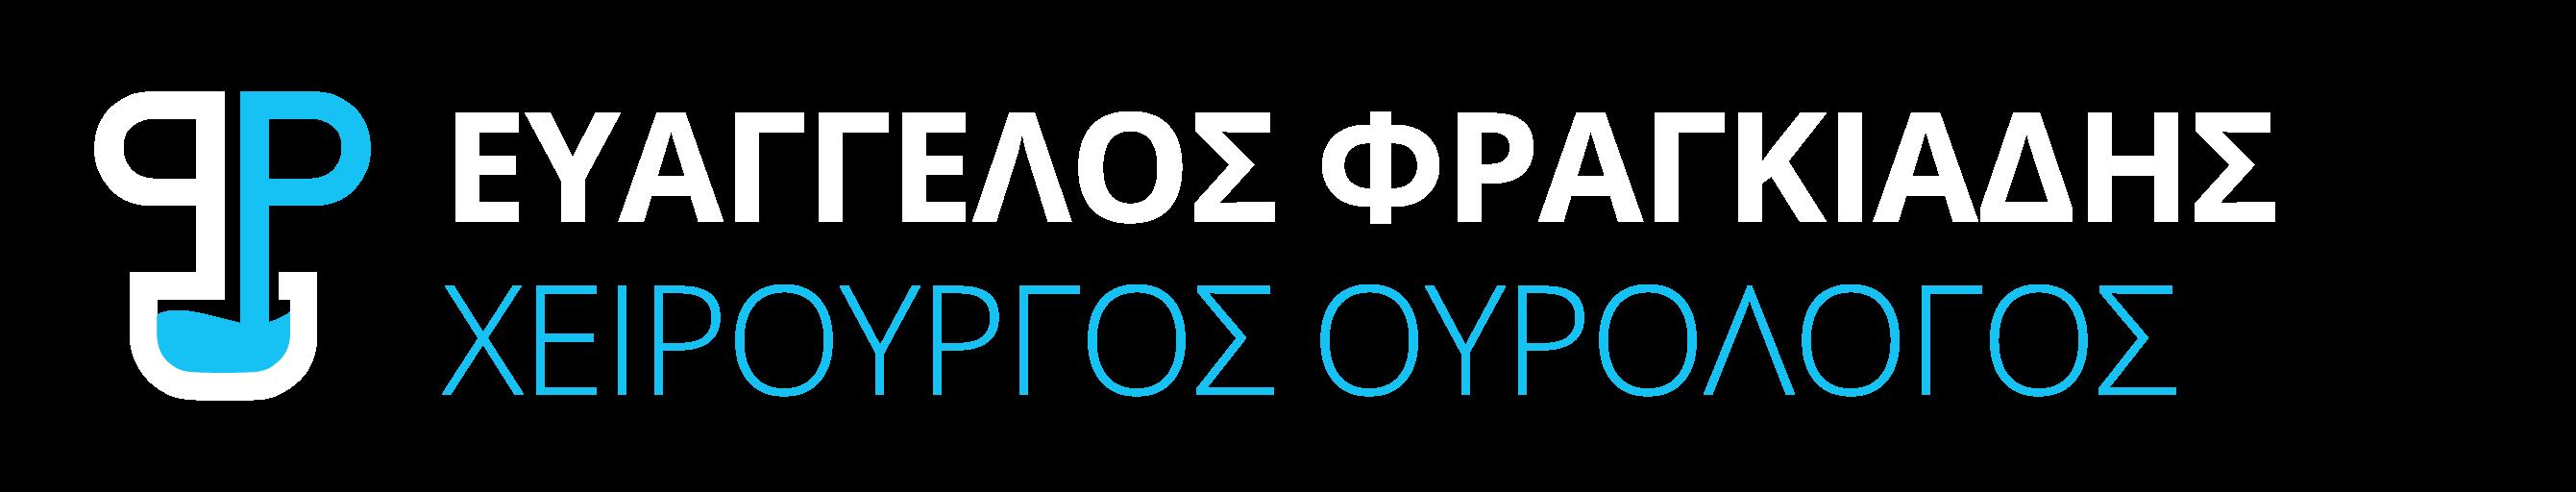 ΦΡΑΓΚΙΑΔΗΣ ΕΥΑΓΓΕΛΟΣ – ΧΕΙΡΟΥΡΓΟΣ ΟΥΡΟΛΟΓΟΣ